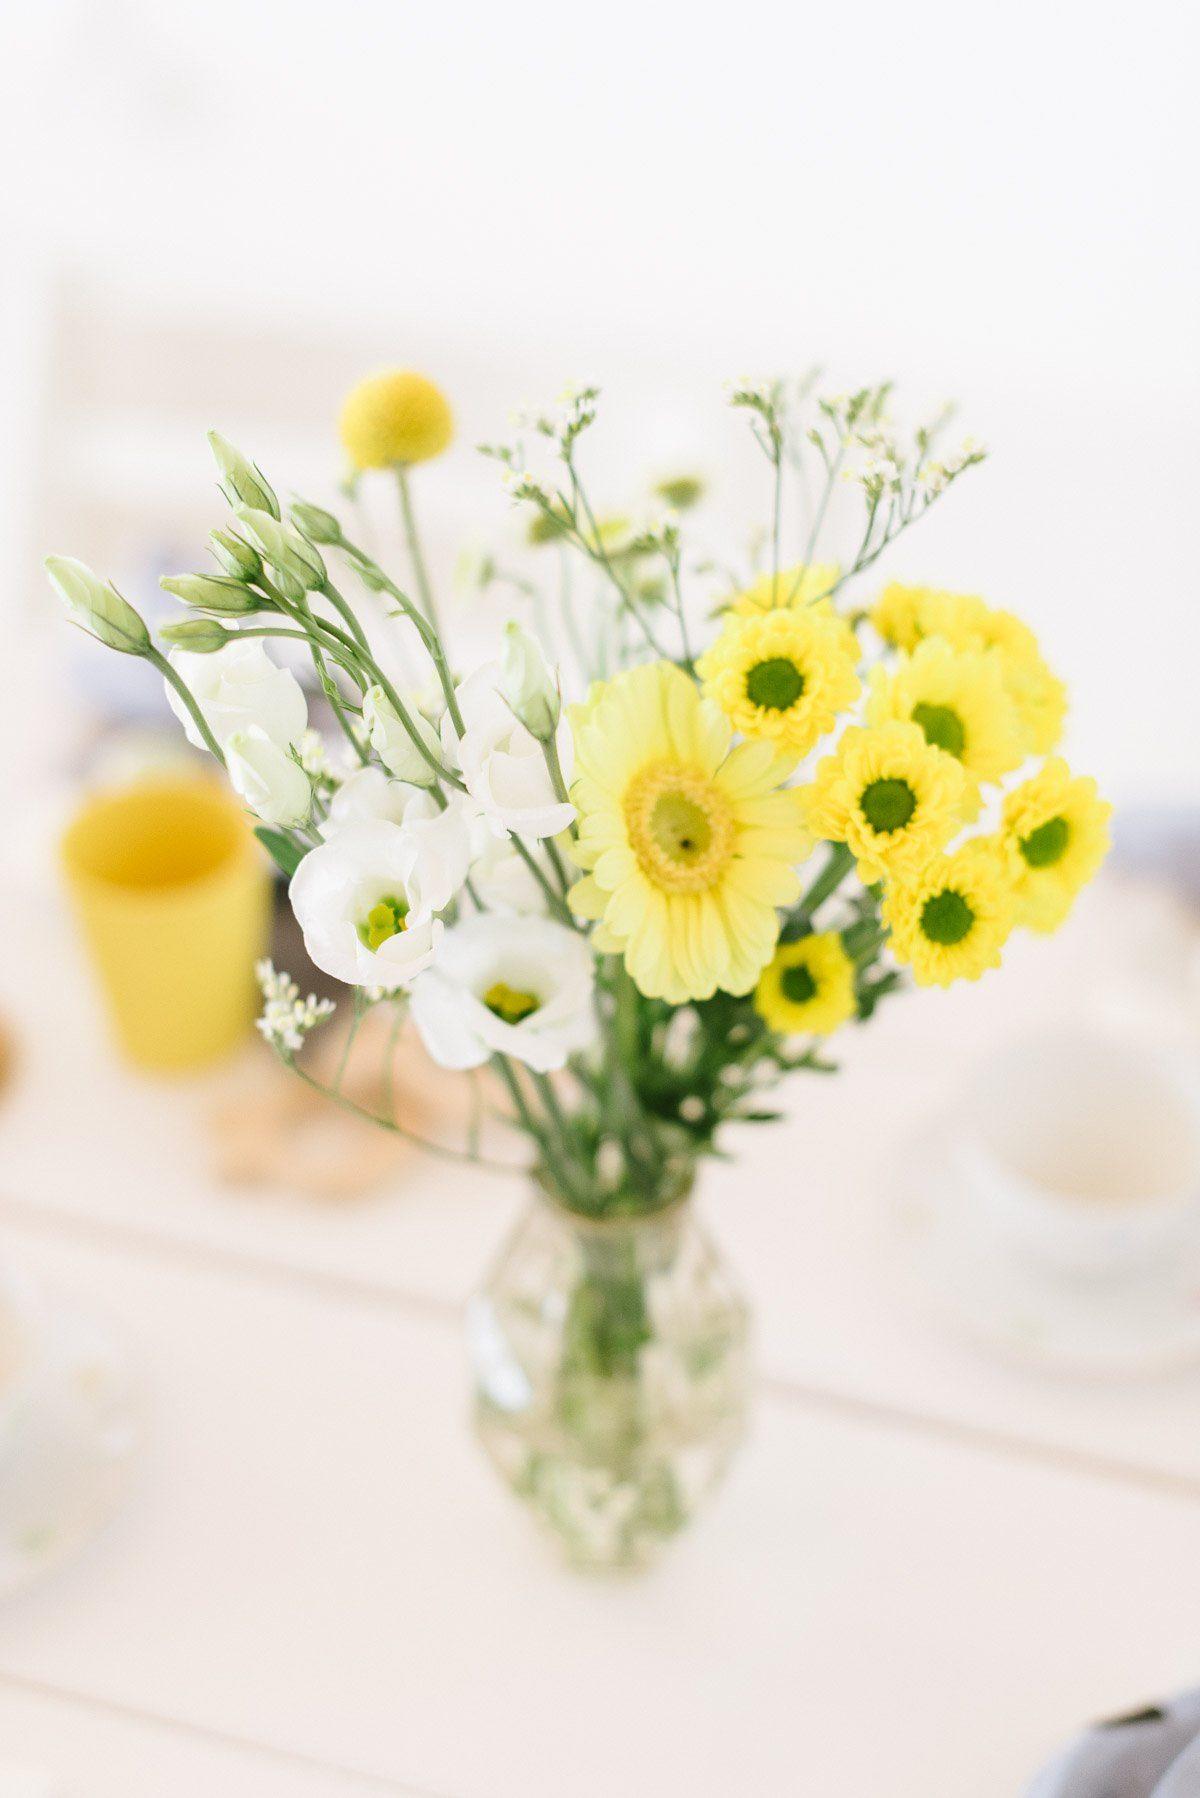 gelbe Blumensträuße in kleinen Vasen